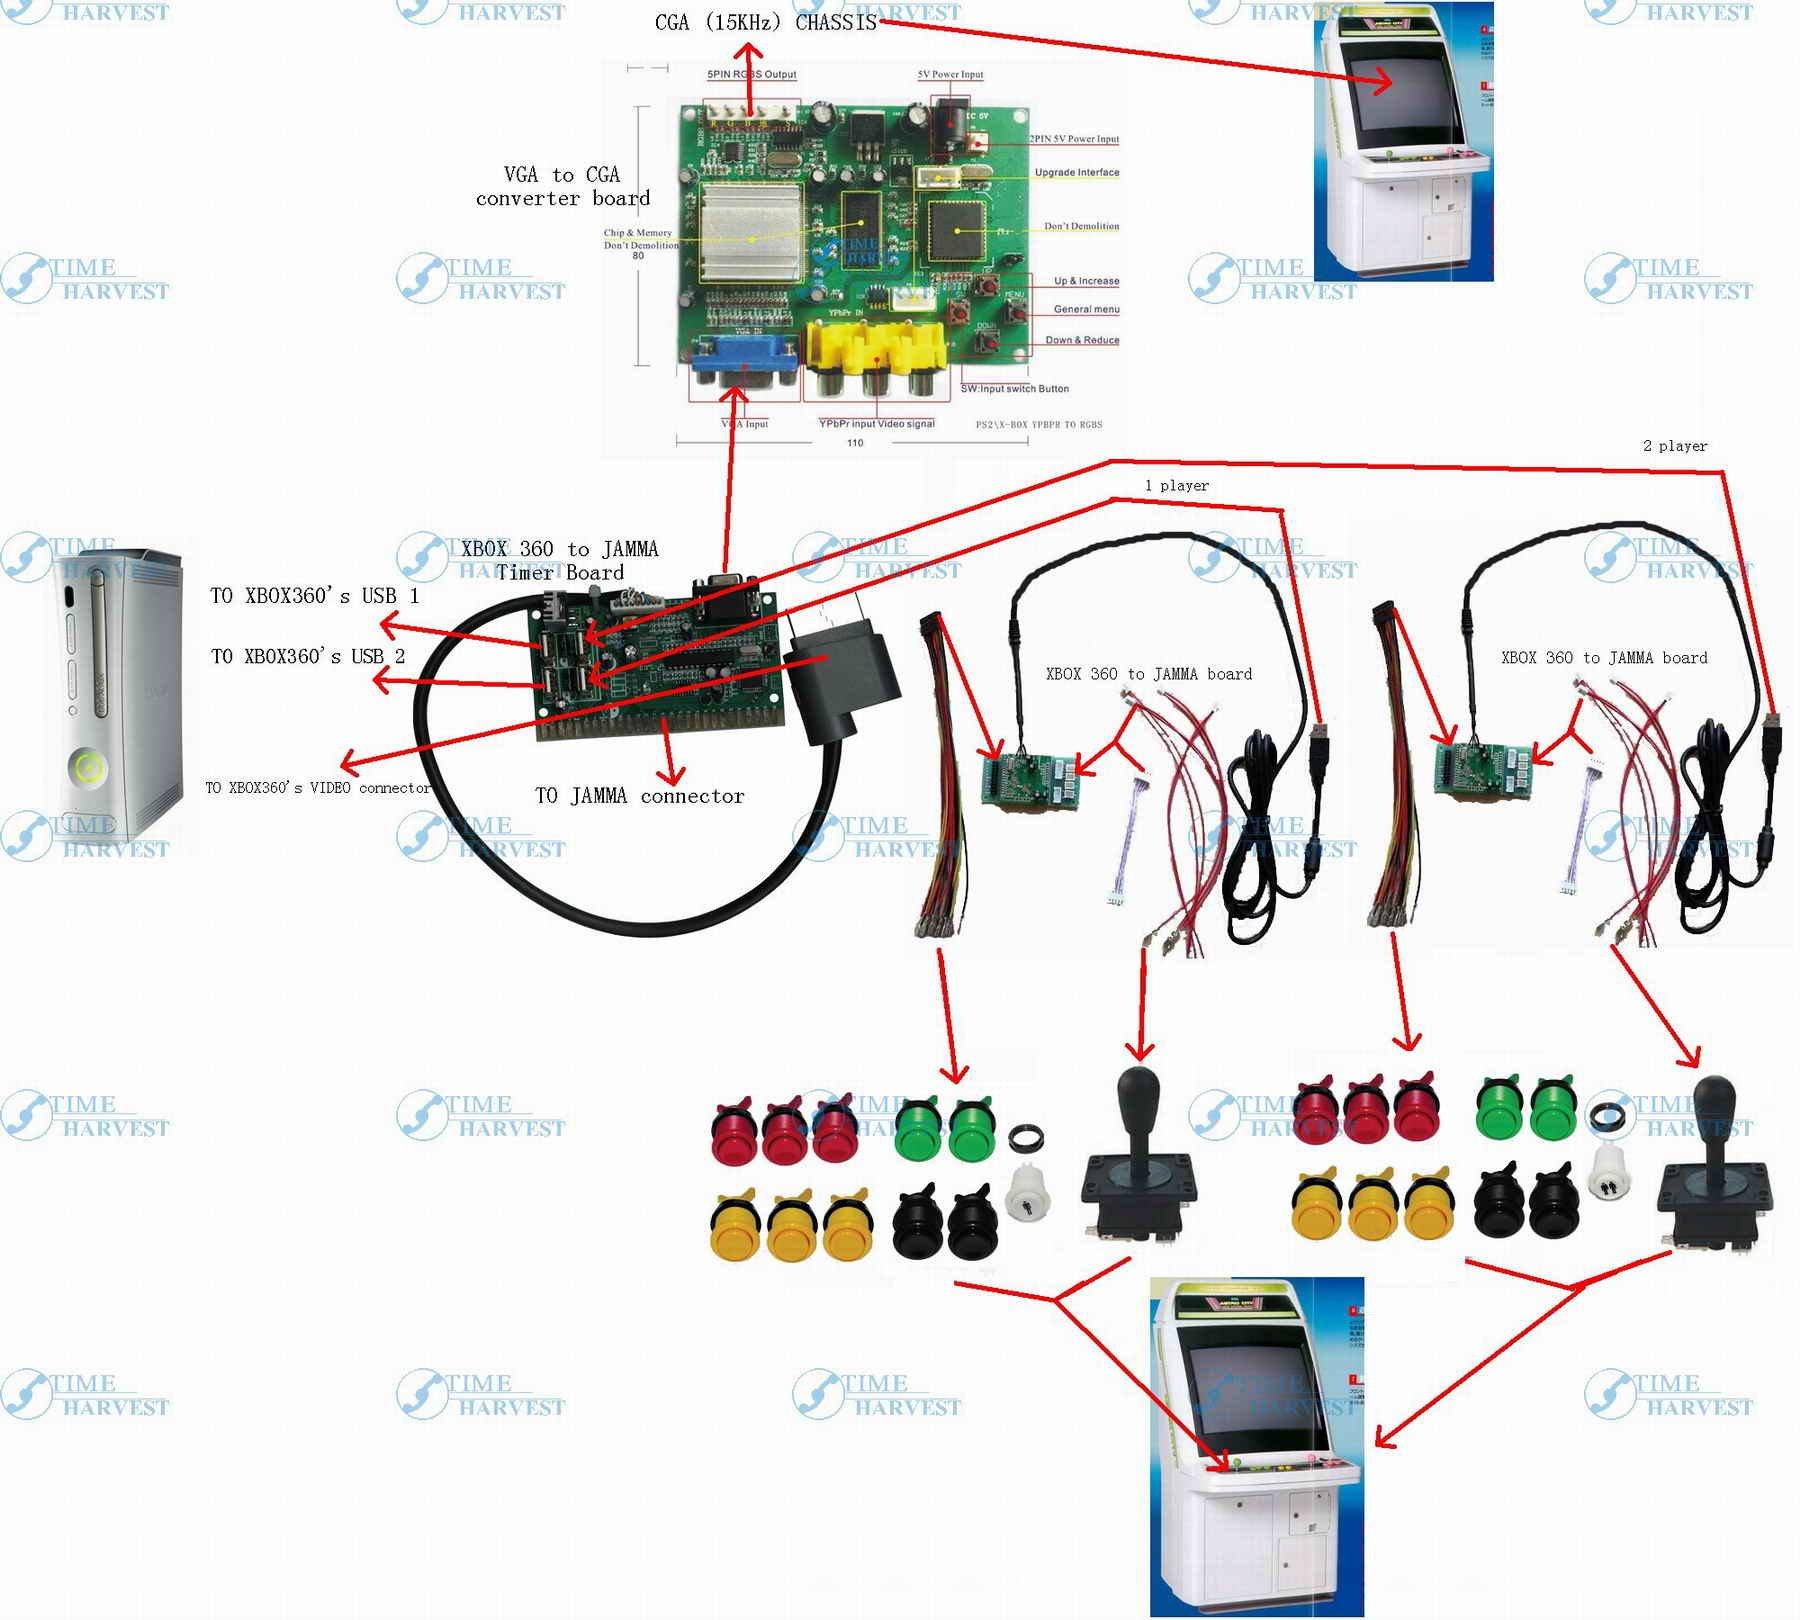 428061097_209 diy arcade parts bundles timeharvest net timeharvest net wiring diagram for arcade machine at mifinder.co